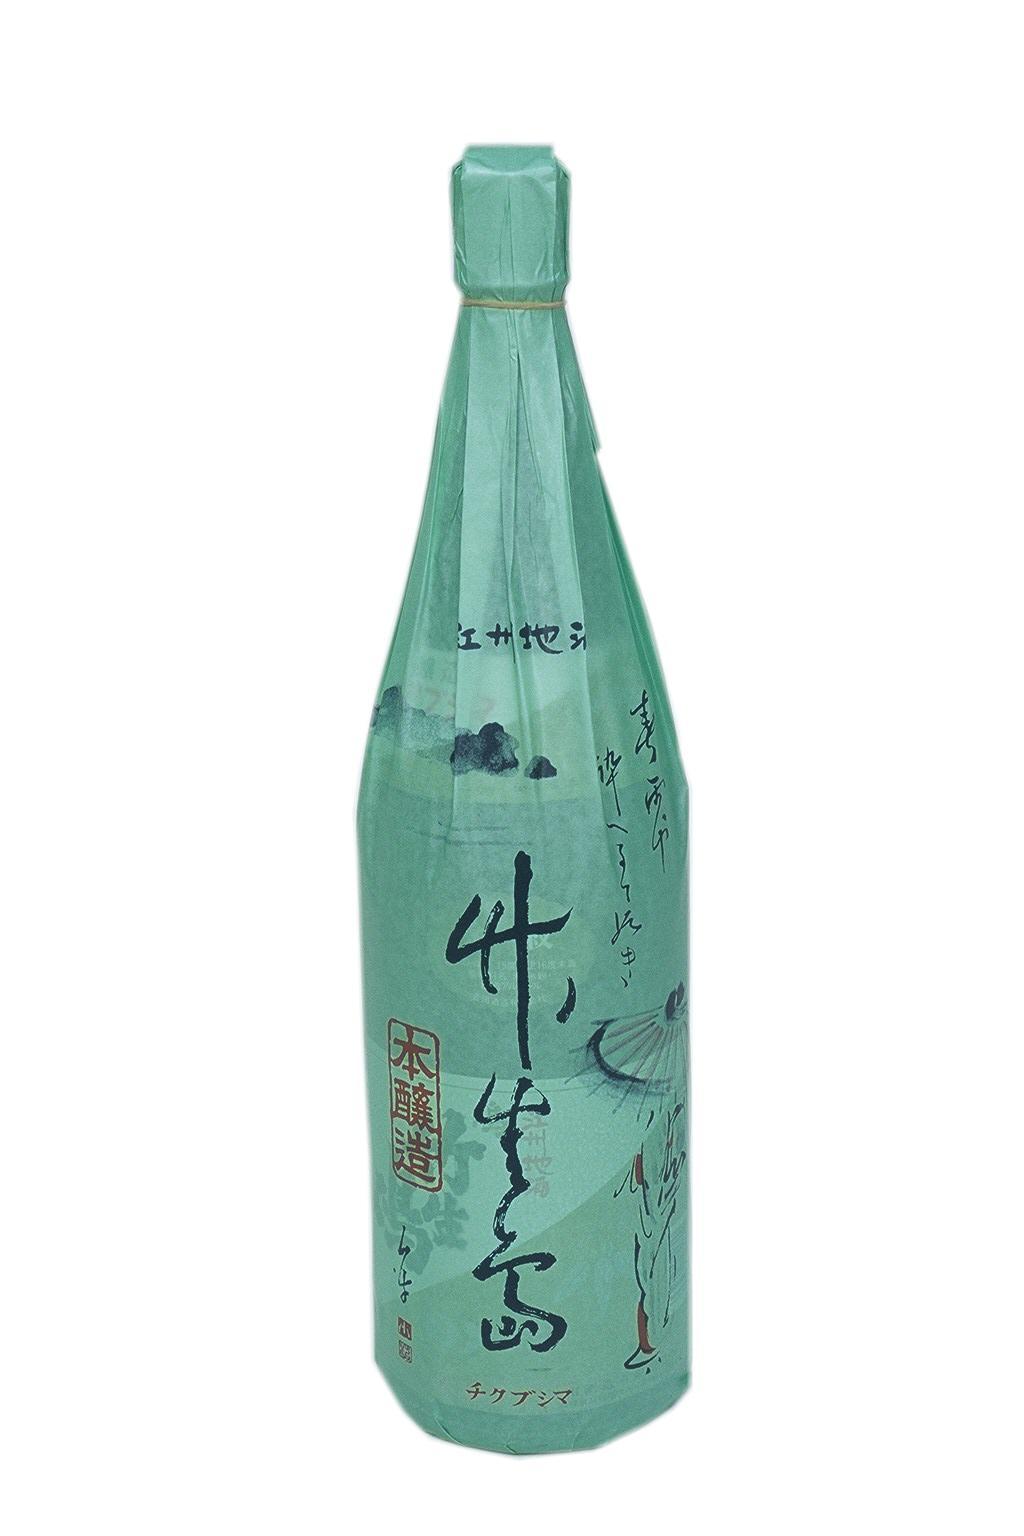 地酒「竹生嶋」醸造元 吉田酒造有限会社